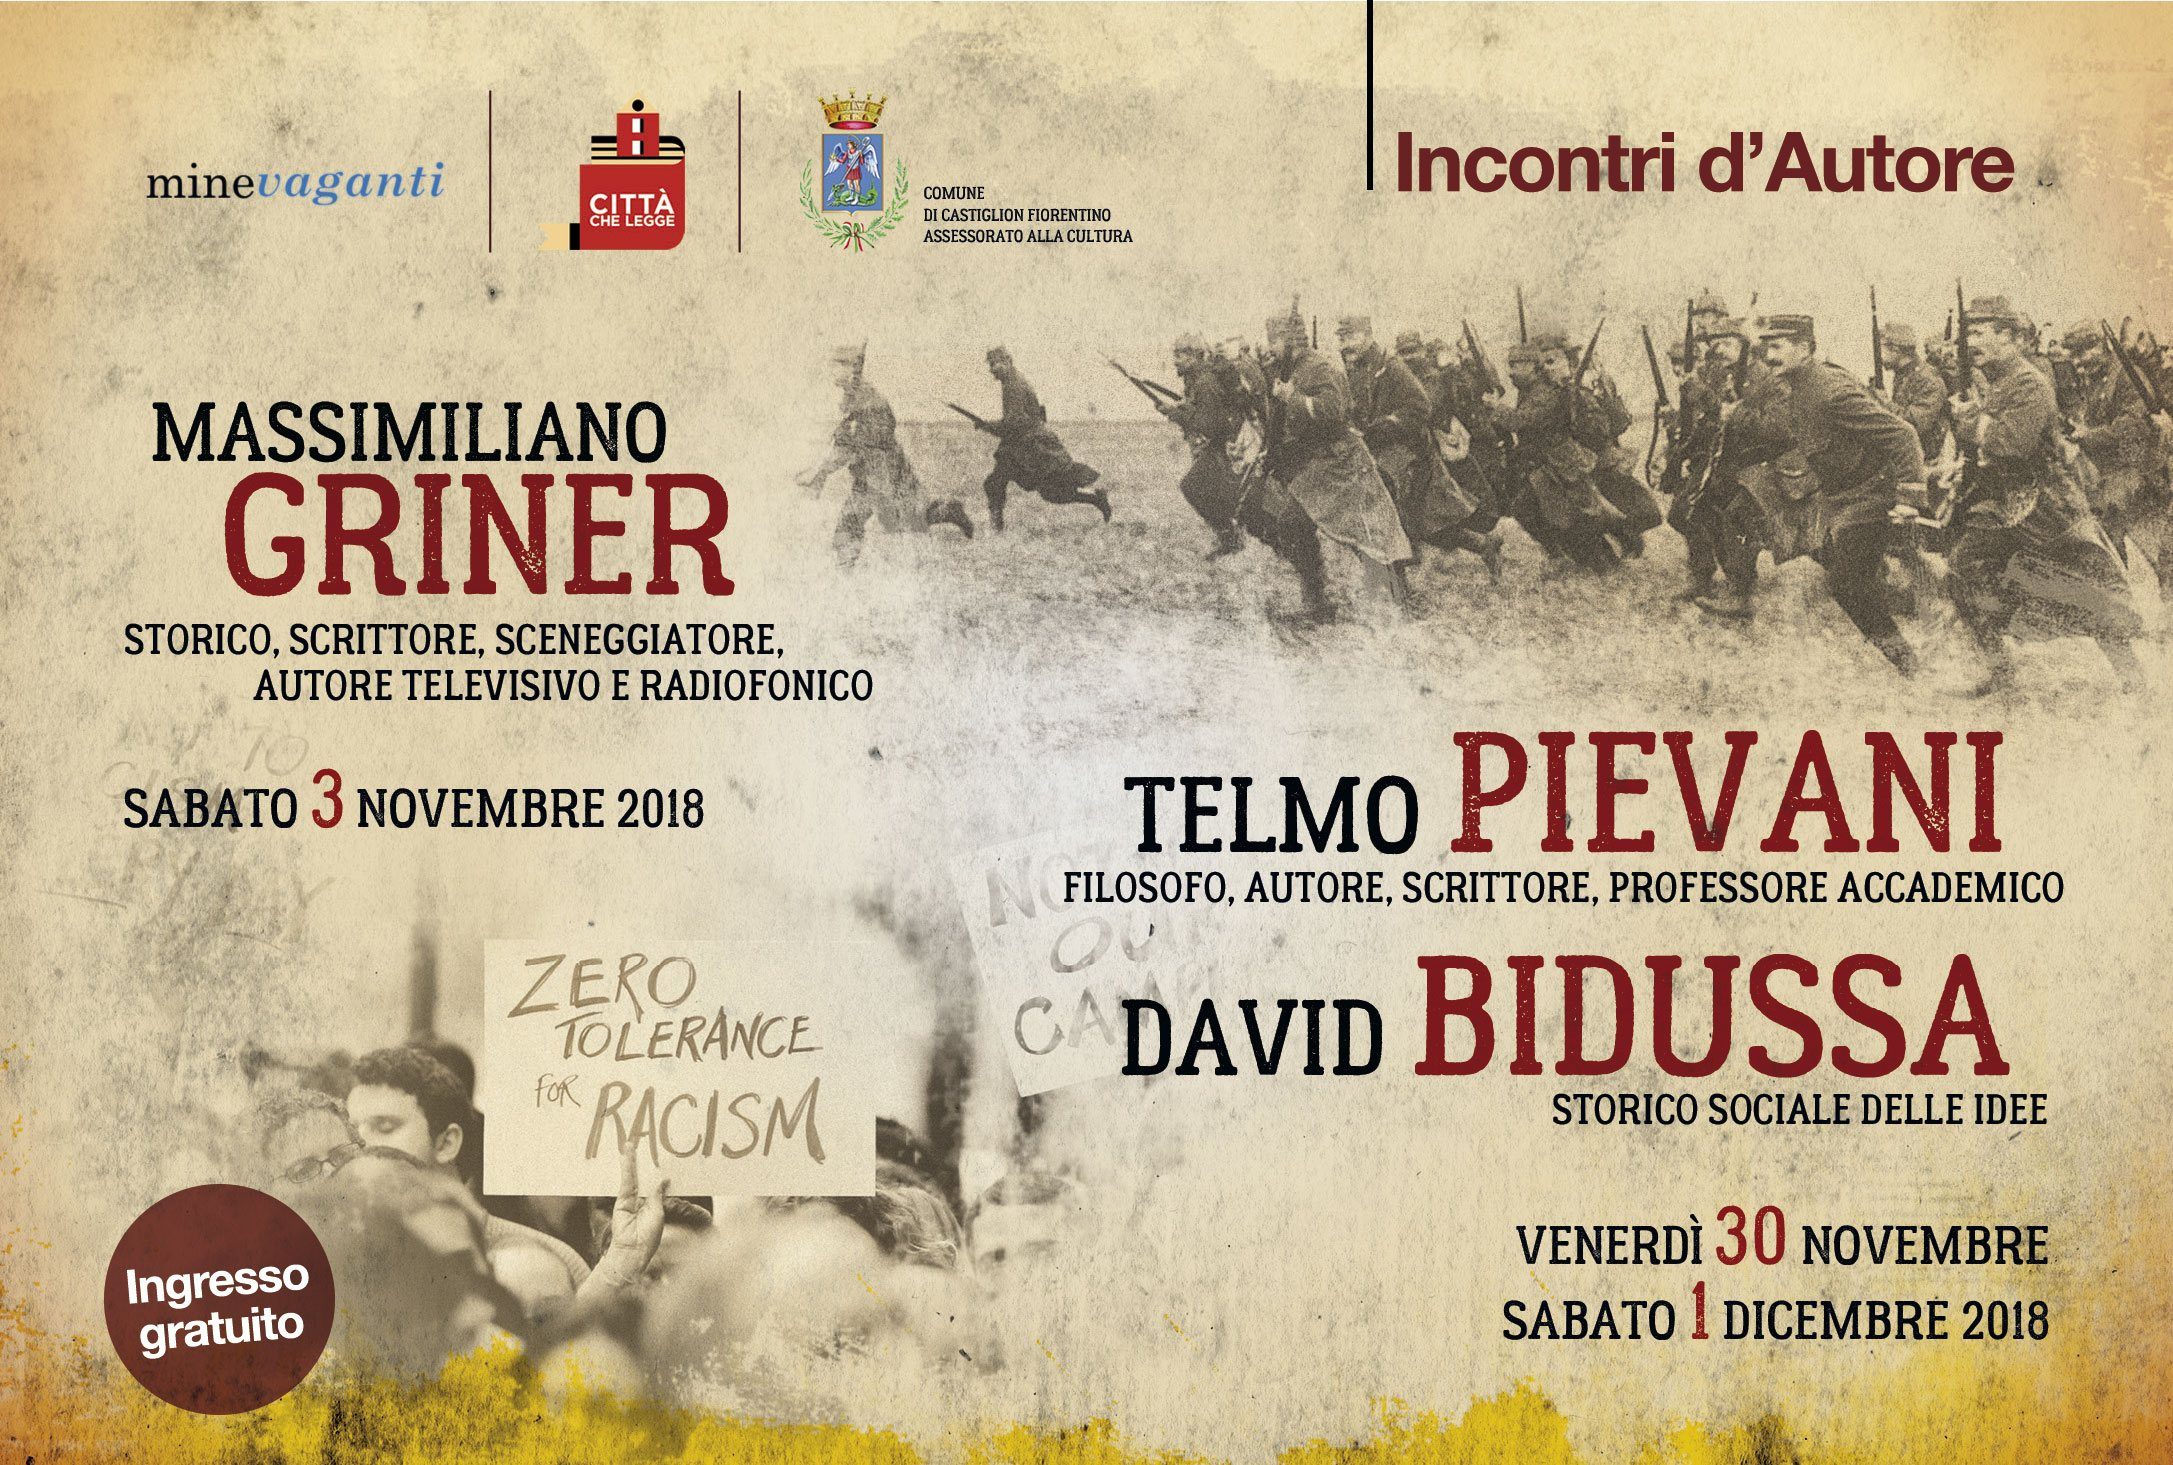 """""""Incontri d'Autore"""": 3 appuntamenti a Castiglion Fiorentino"""